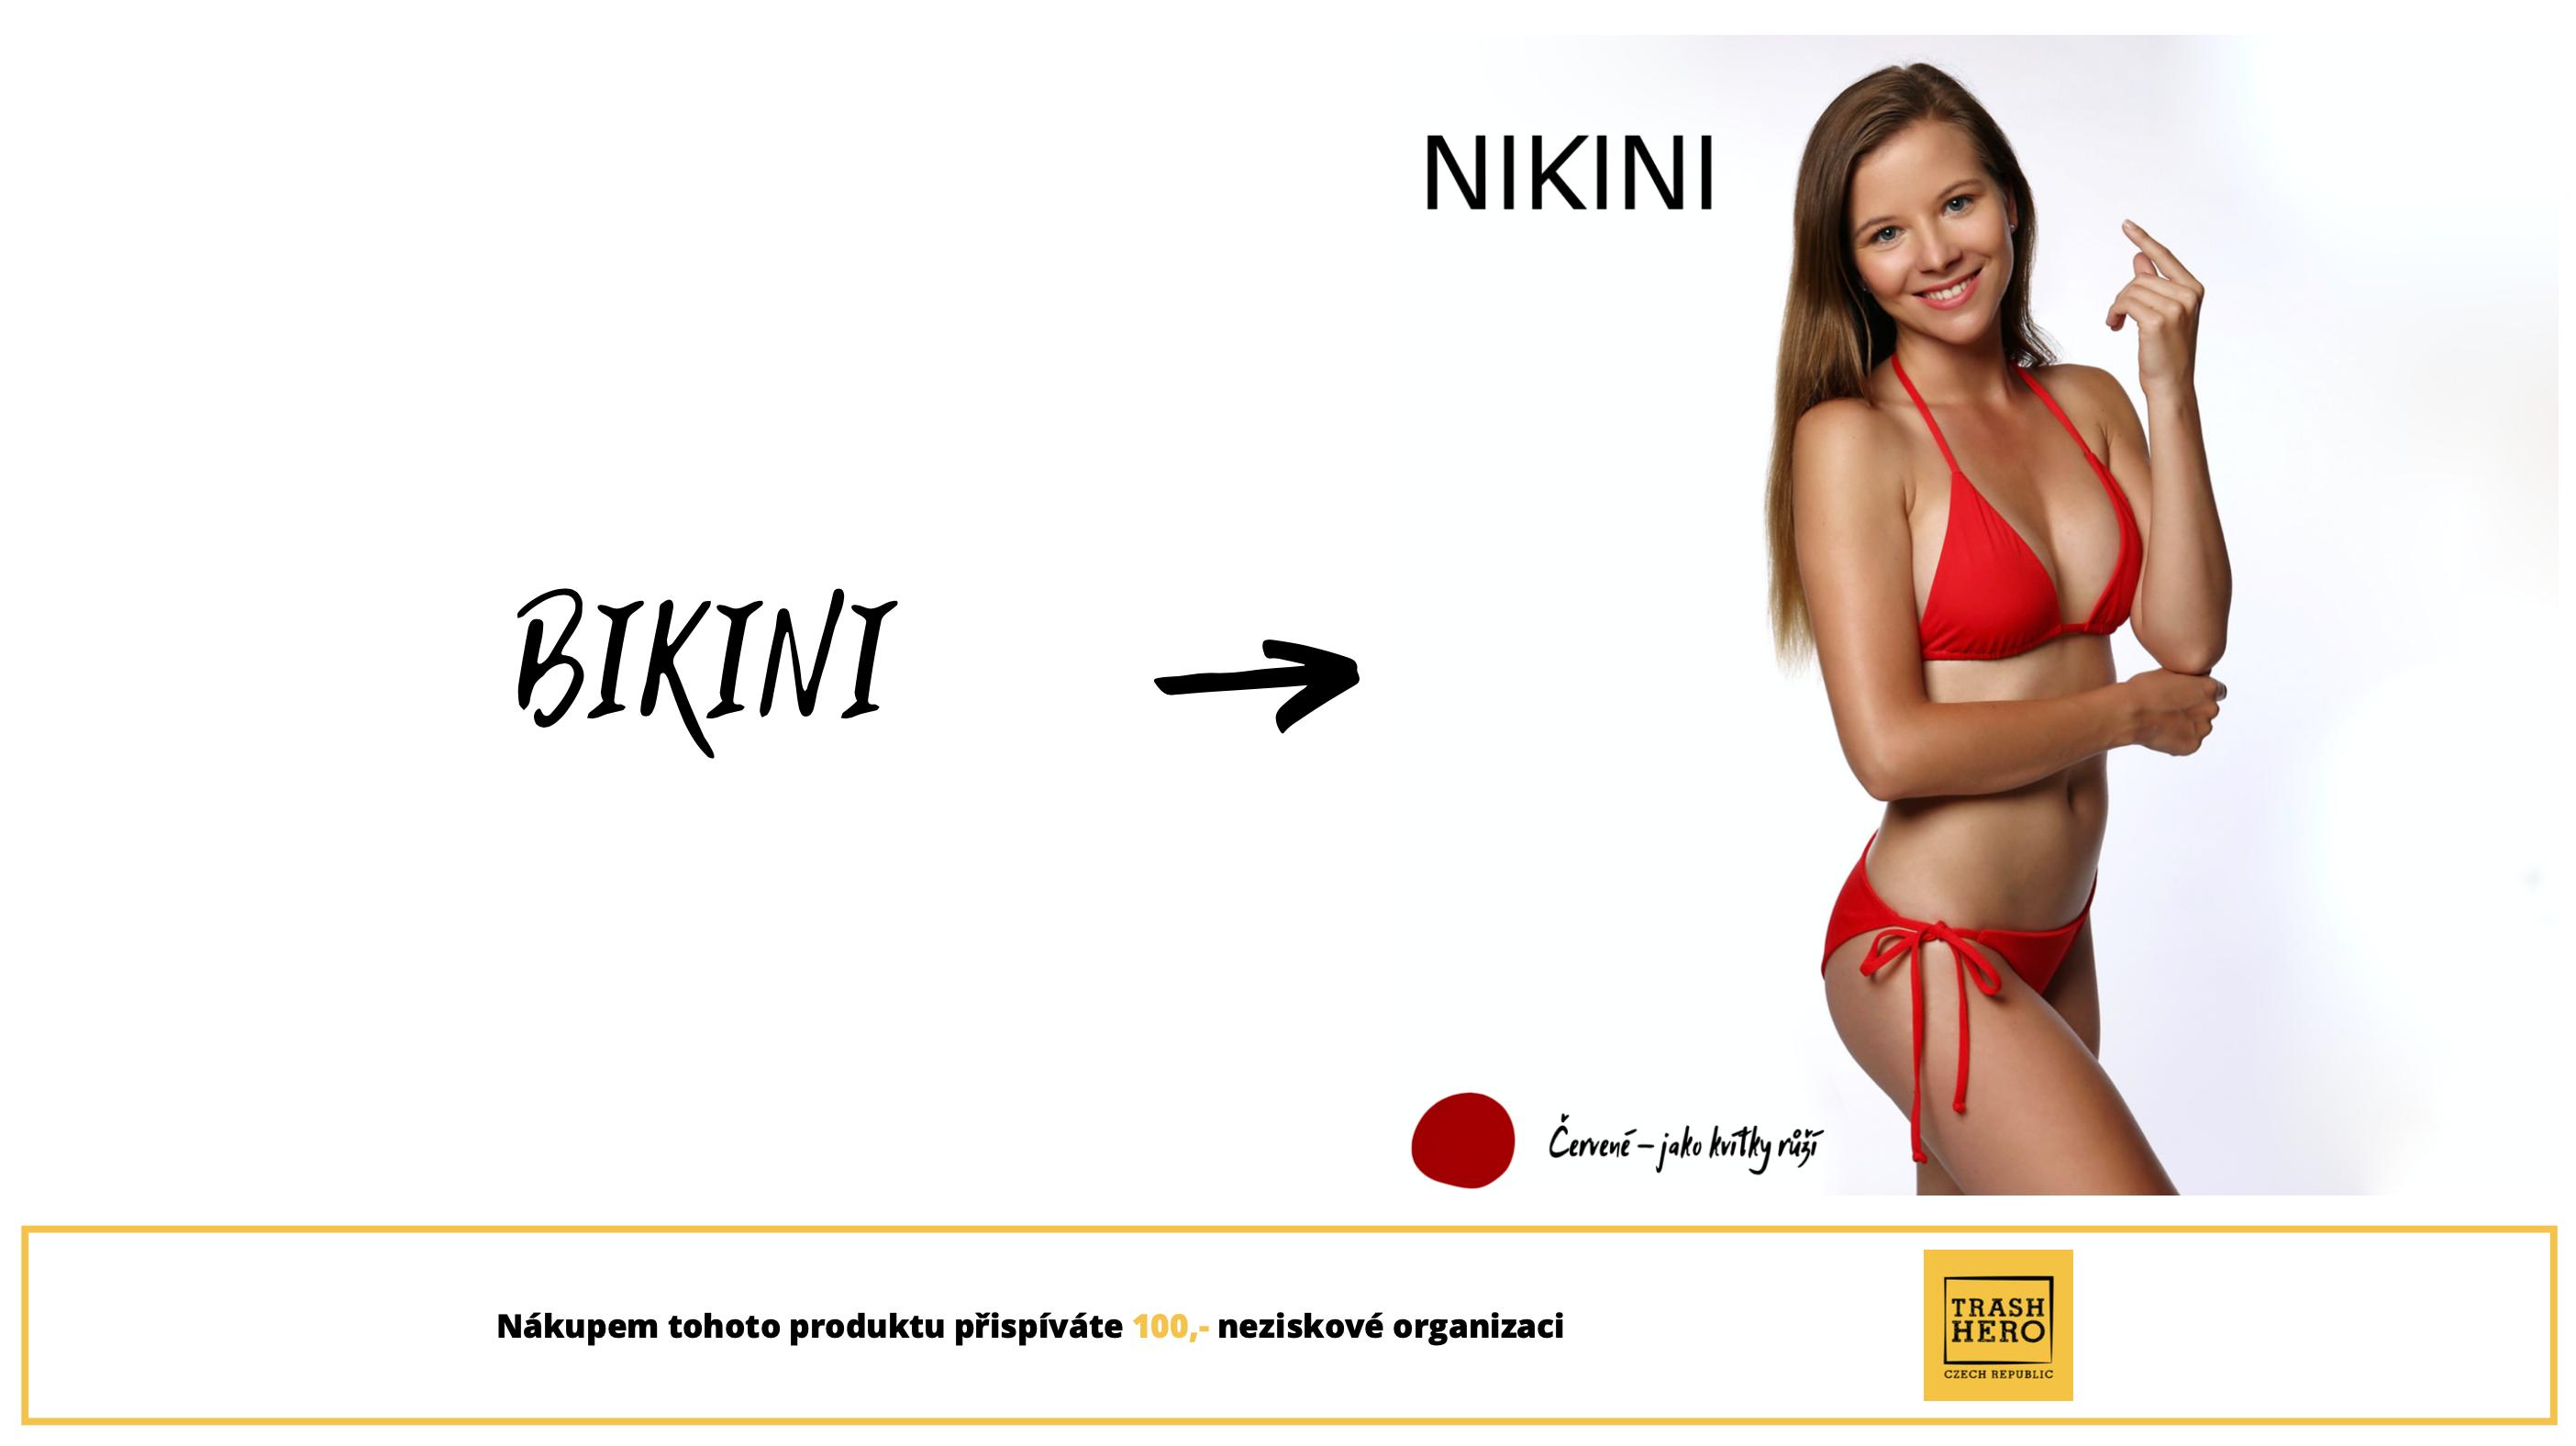 NIKINI - bikini